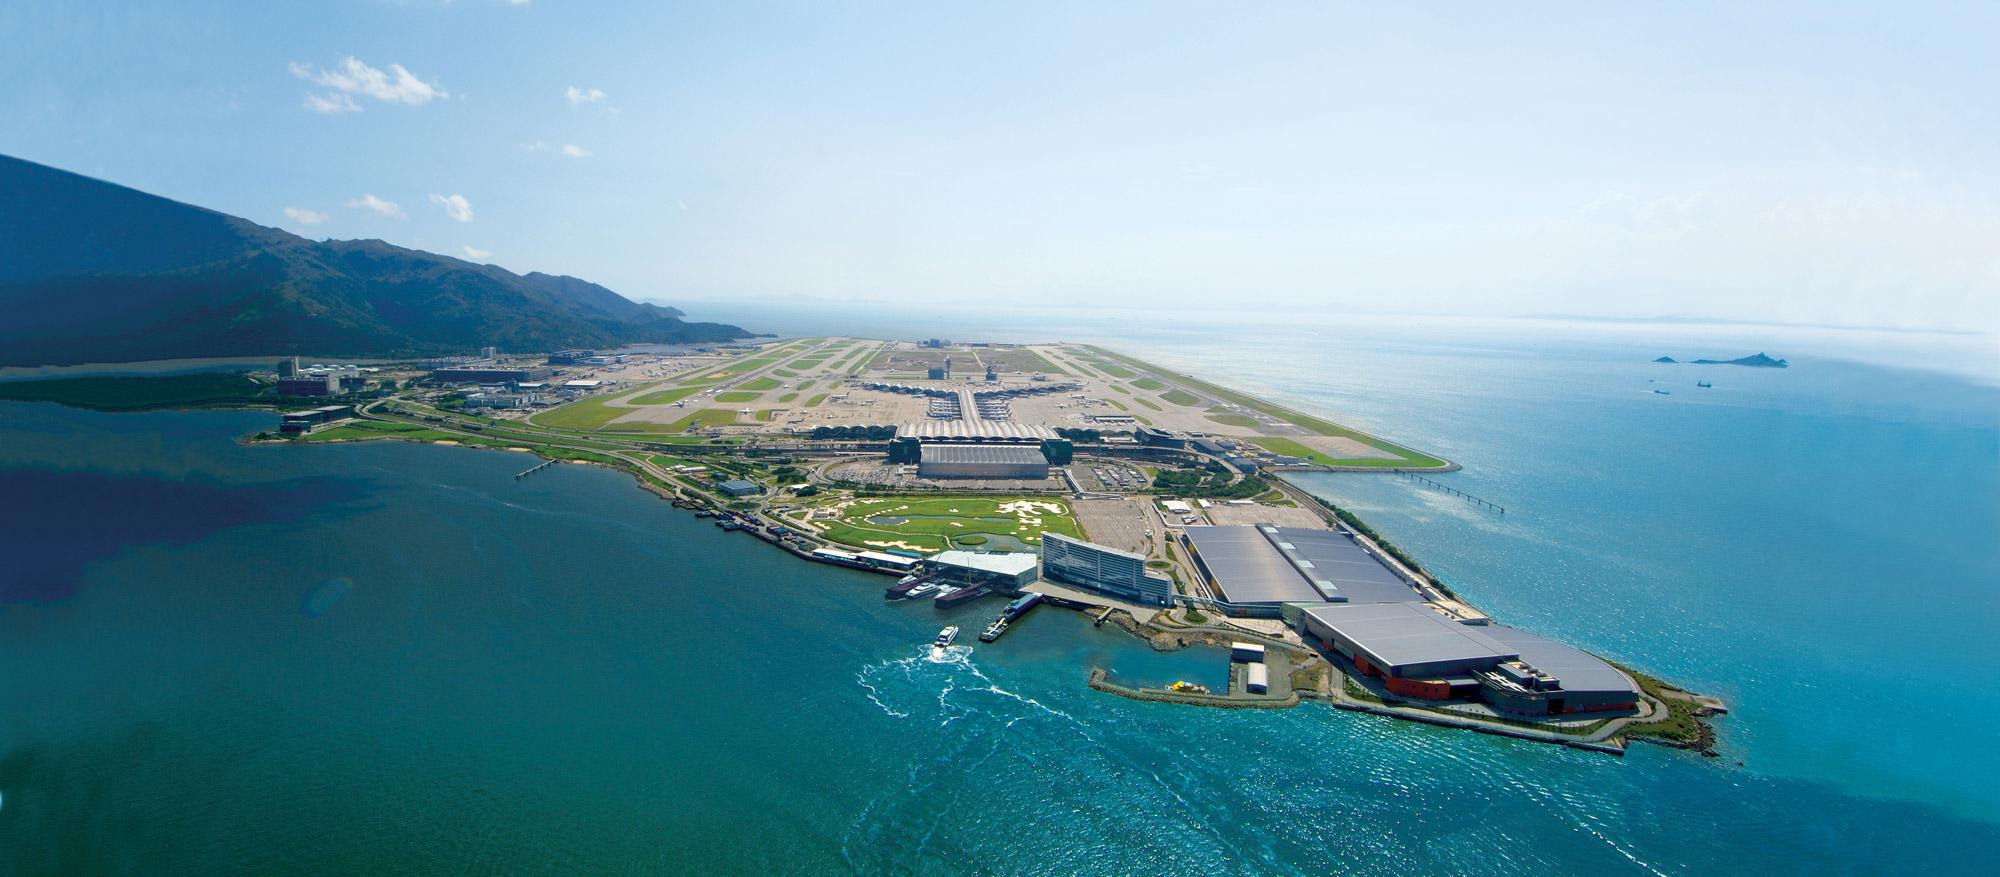 طراحی ۴ فرودگاه بینالمللی که آینده سفر را راحتتر خواهد کرد 4